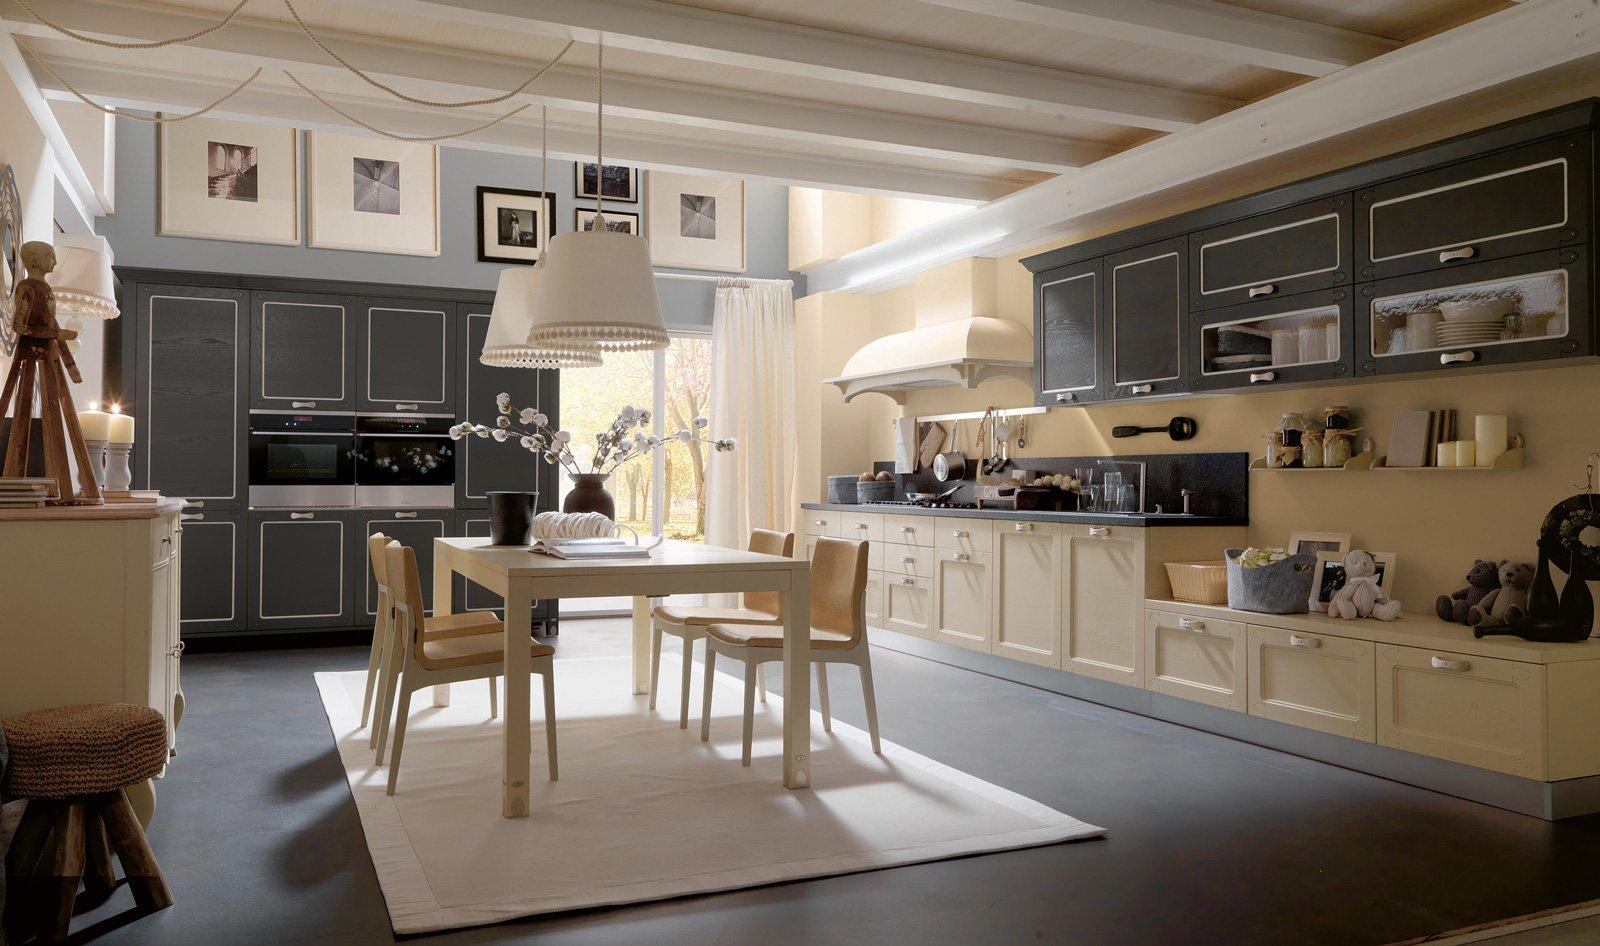 Cucine in legno tradizionali country o moderne cose di casa - Mobili rovere grigio ...